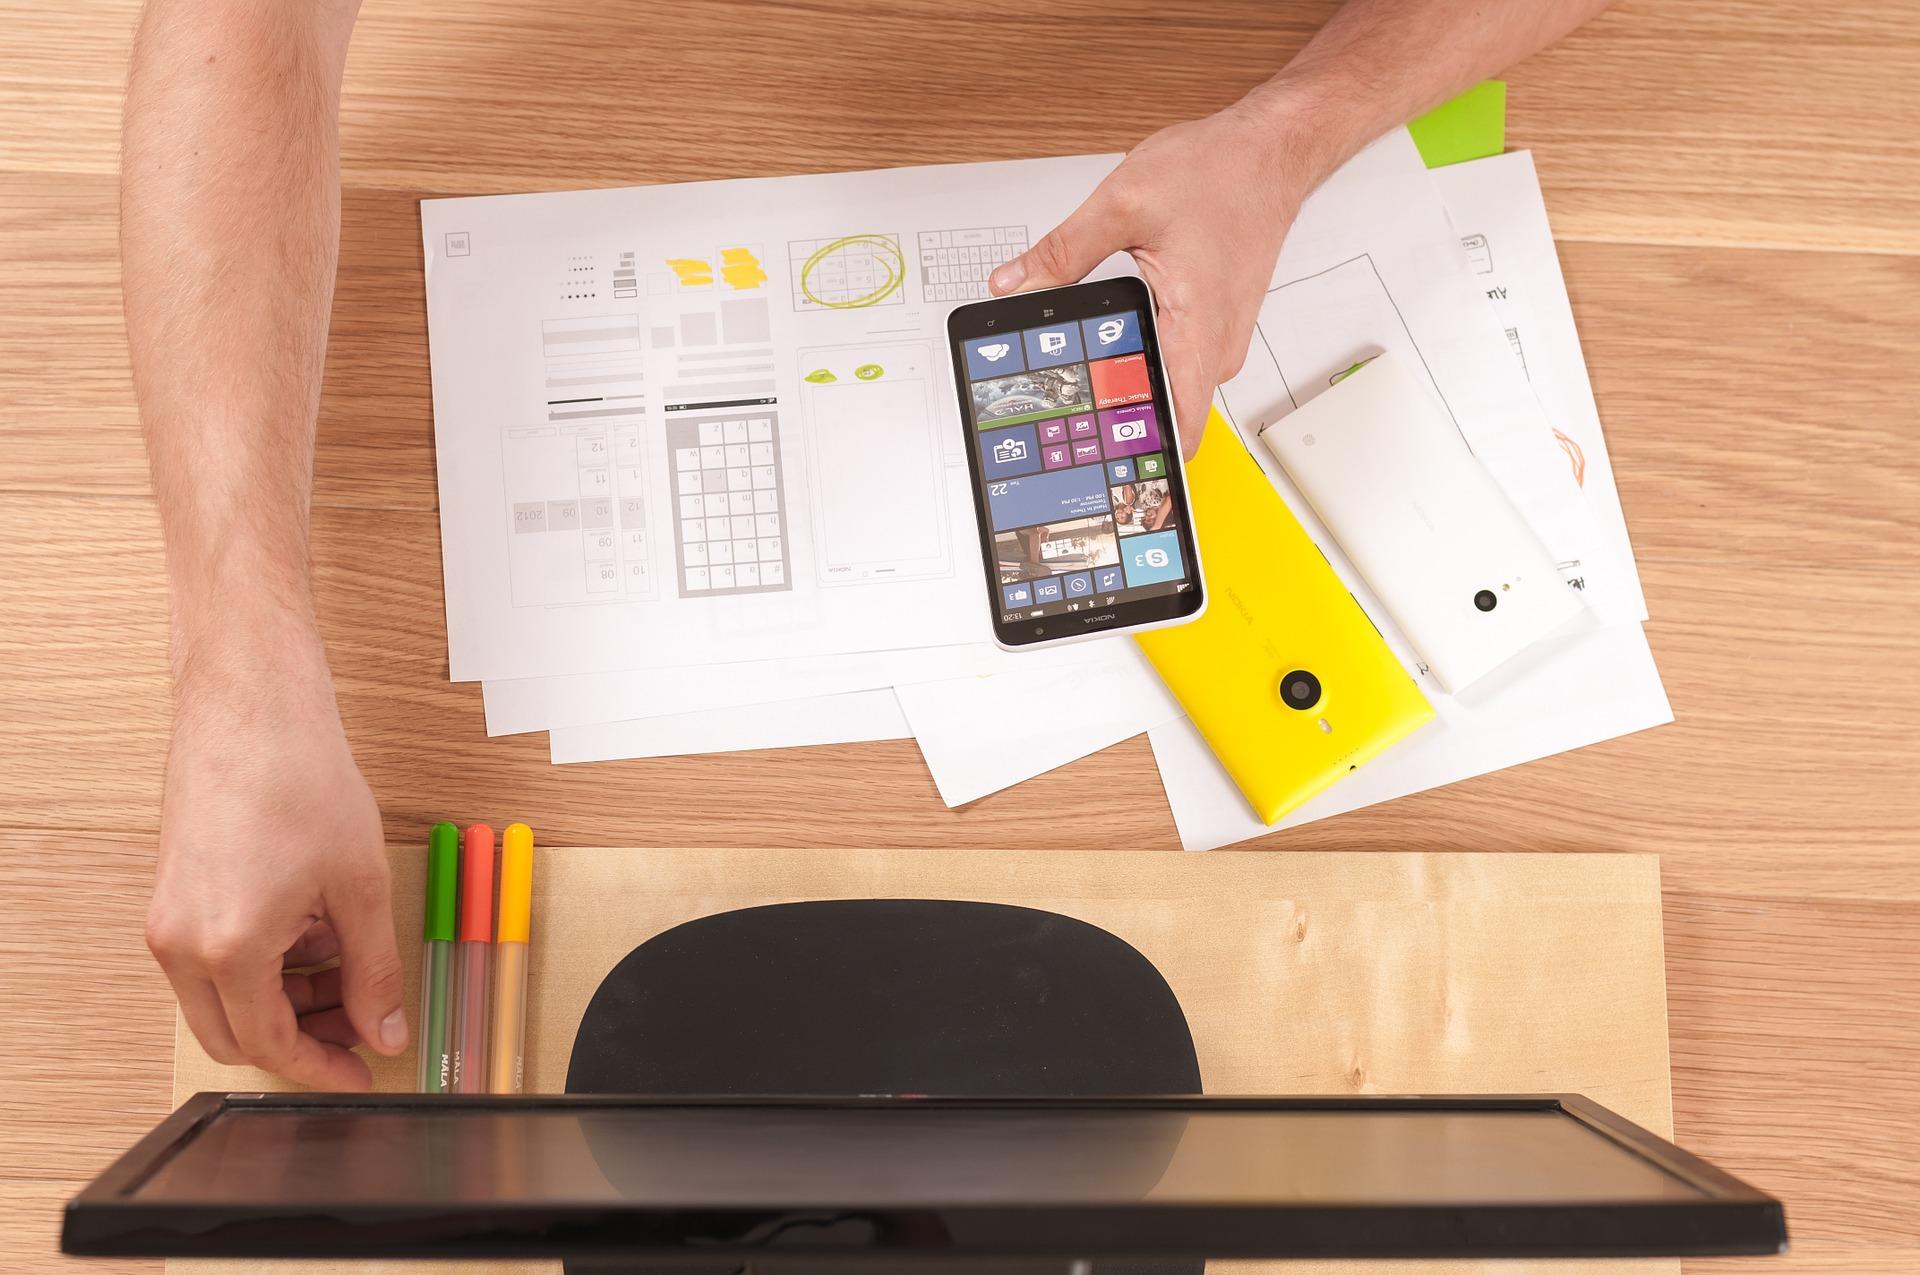 Dlaczego warto skorzystać z agencji interaktywnej przy tworzeniu własnego biznesu?